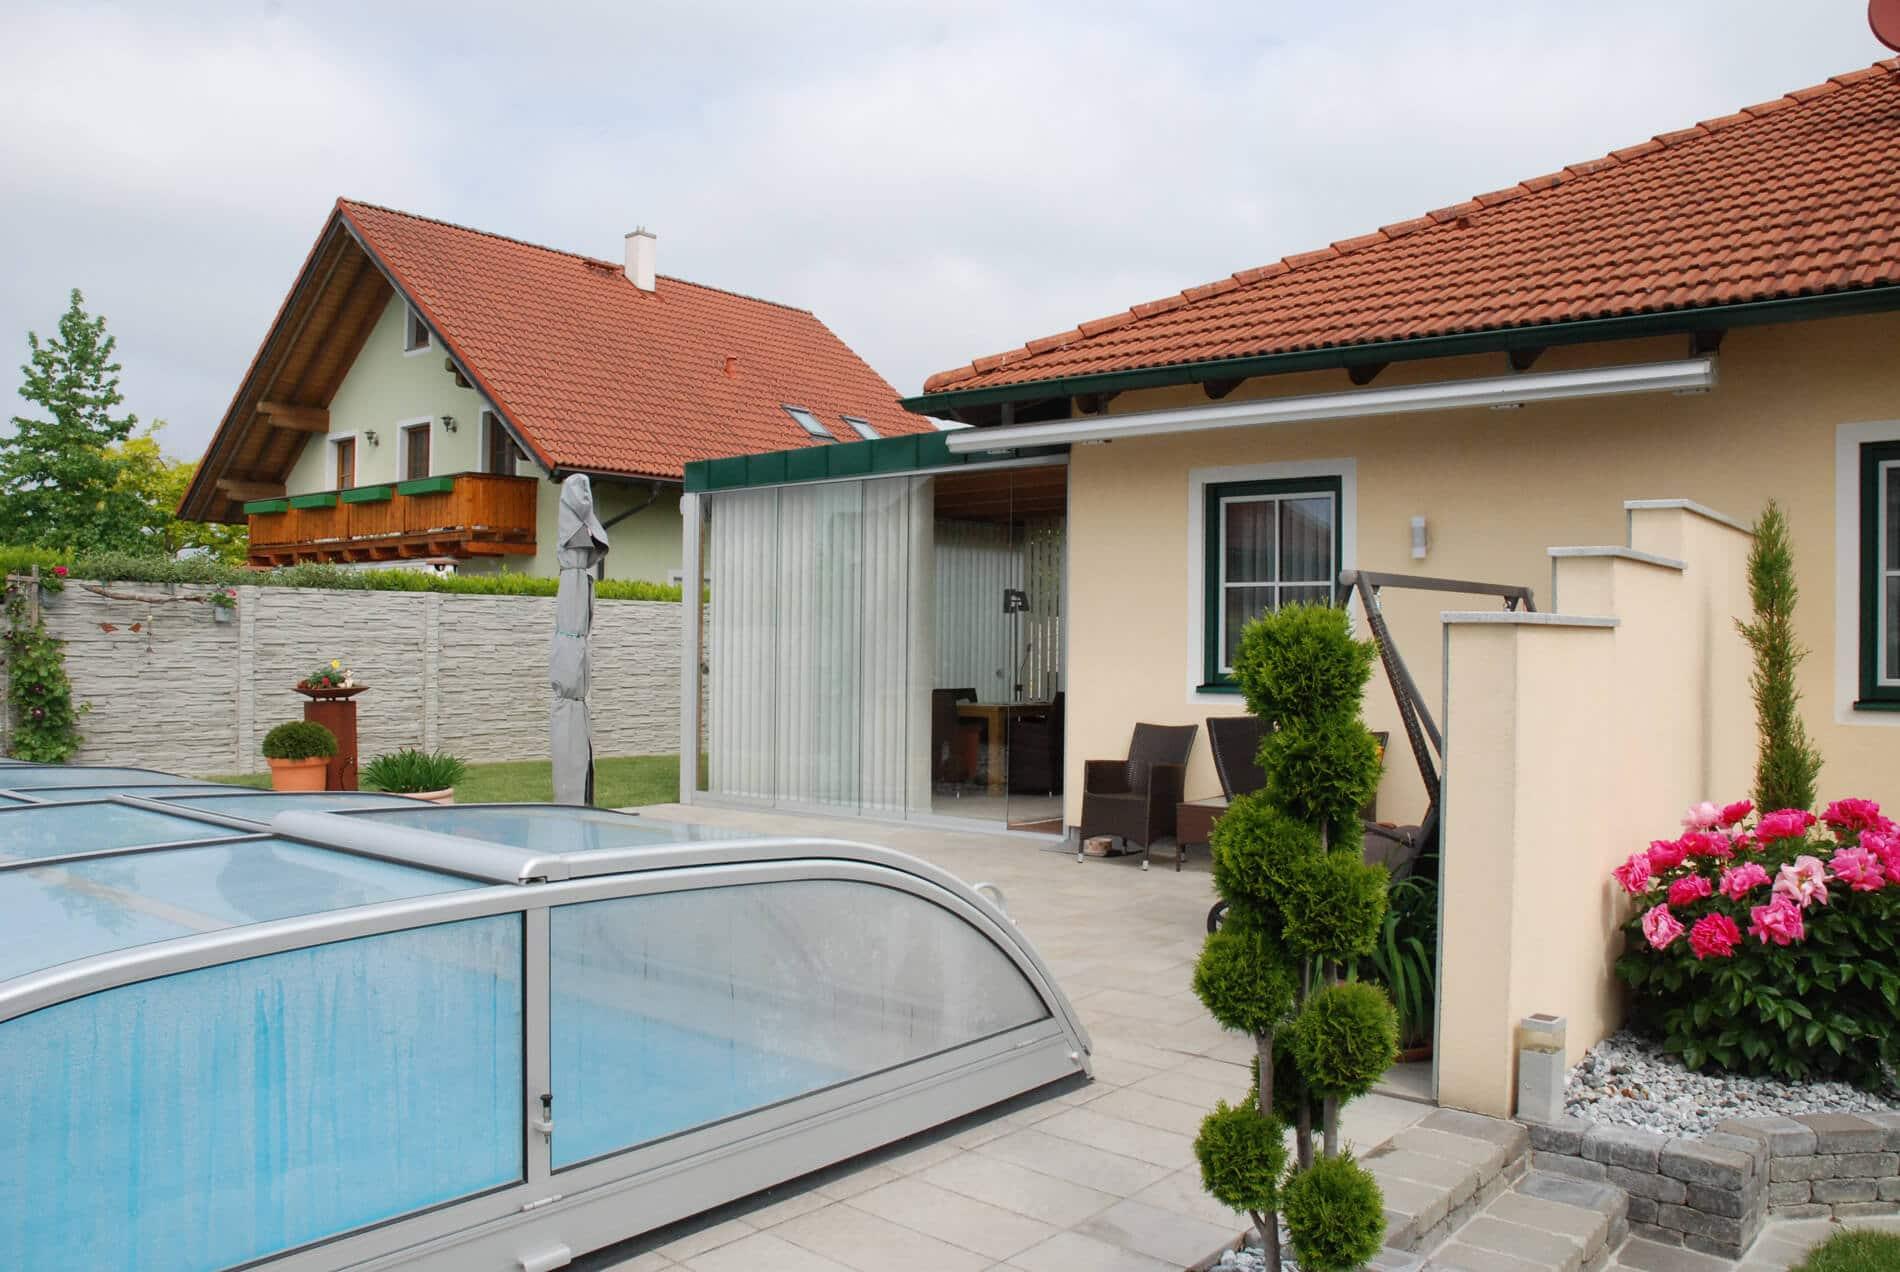 Holz-Alu Wintergarten für Einfamilienhaus mit Nurglasschiebewänden